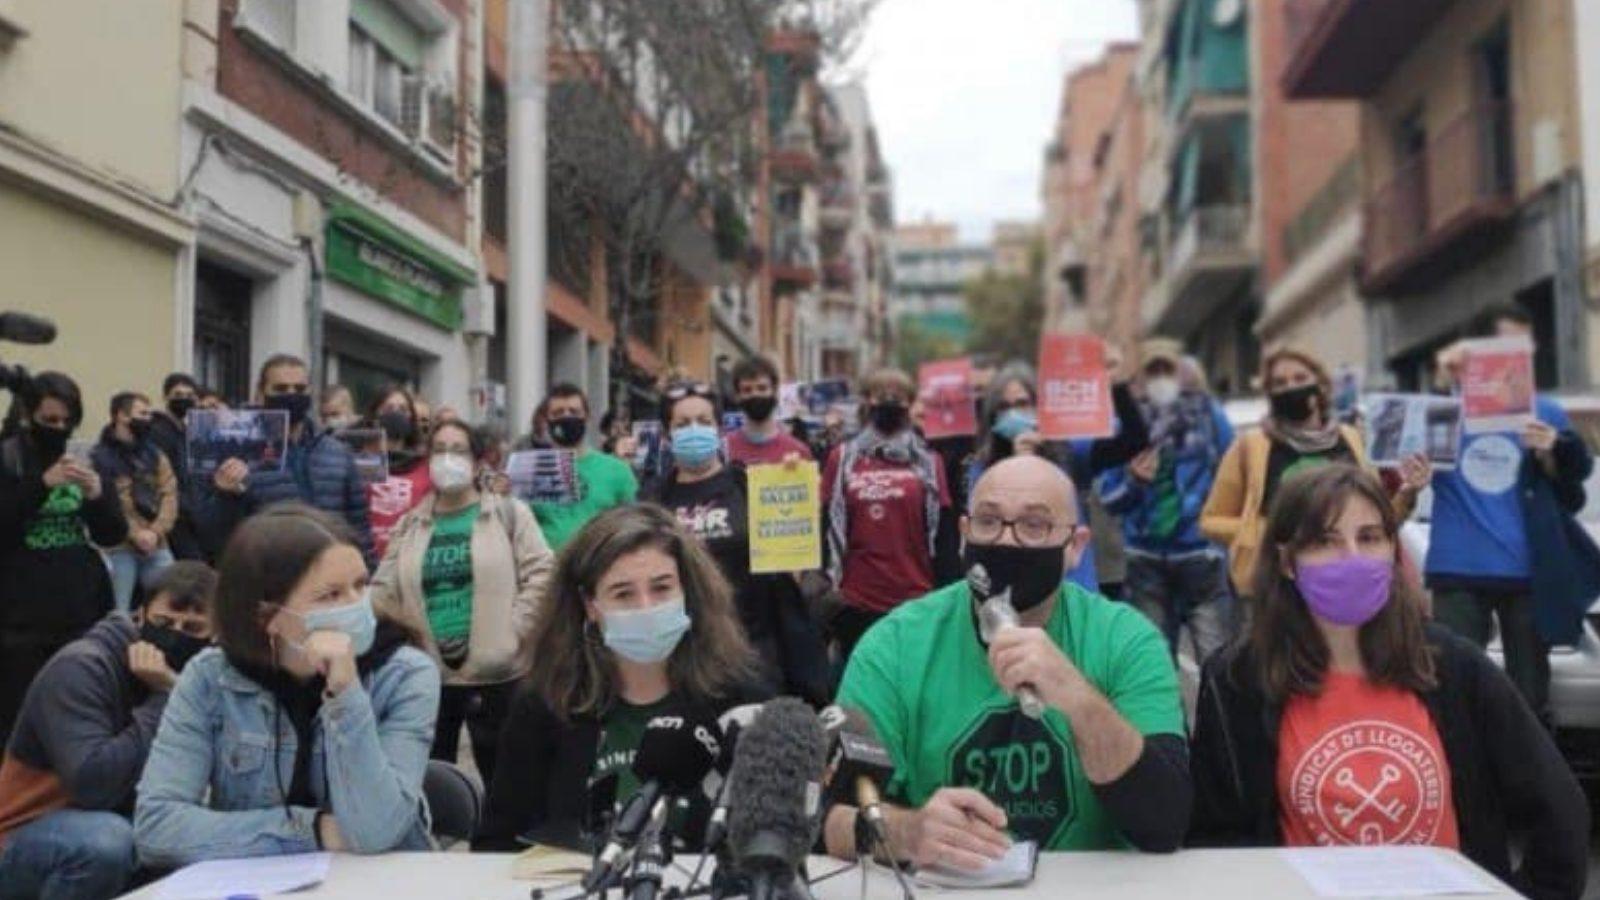 Crit contra els desnonaments a Catalunya i a l'Estat